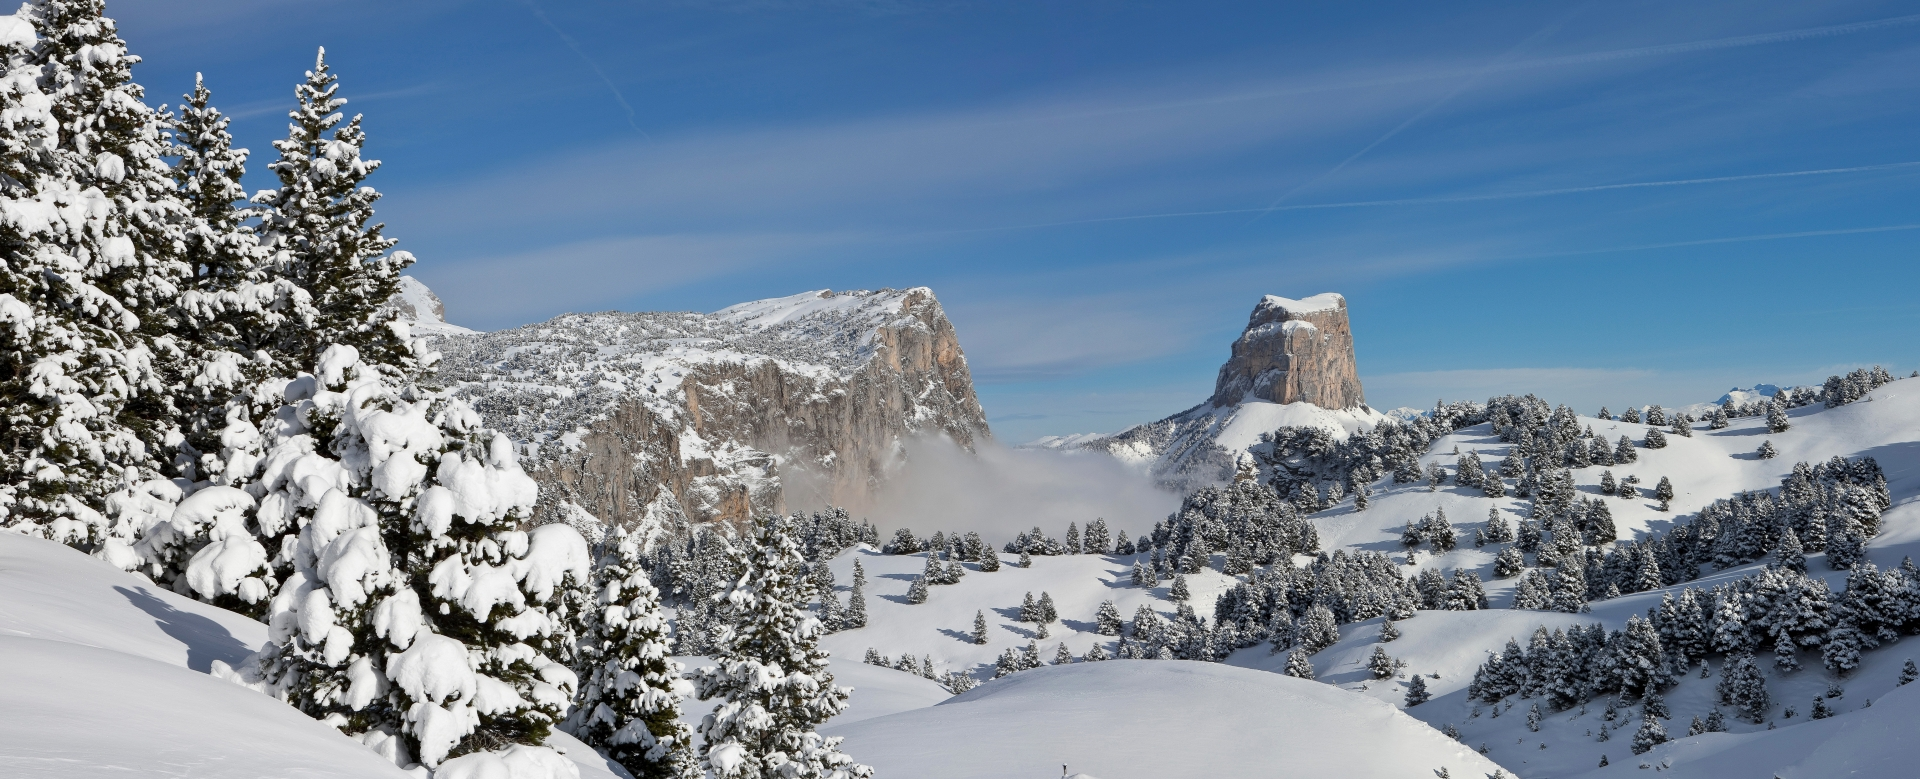 Voyage à la neige : Ski nordique en vercors